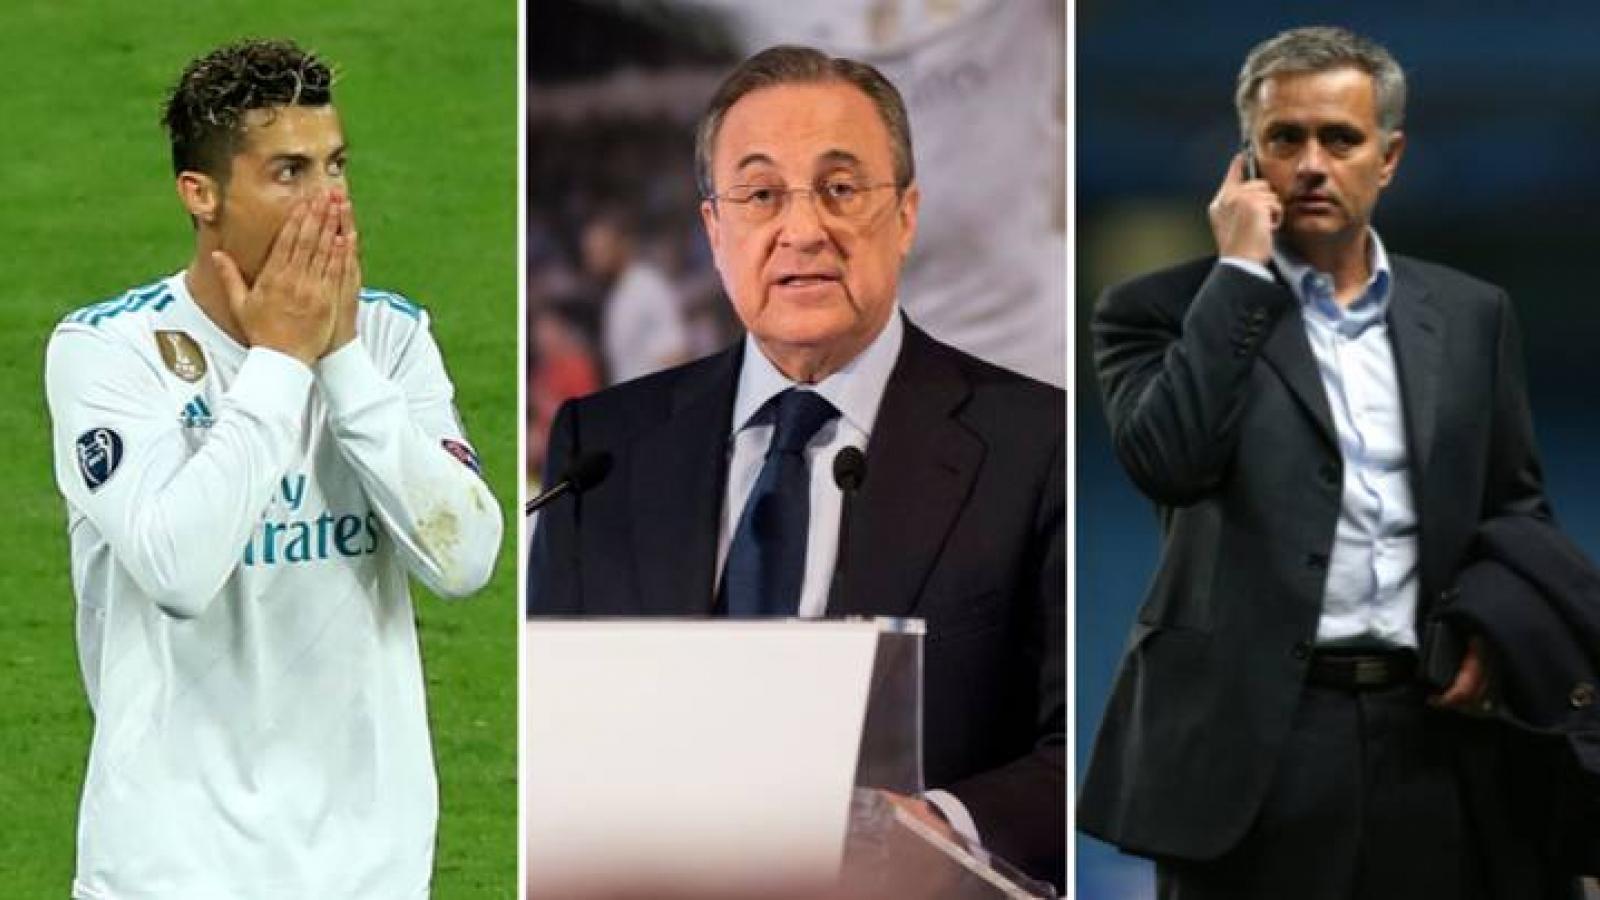 Lộ băng ghi âm Chủ tịch Real Madrid chửi bới Ronaldo và Mourinho